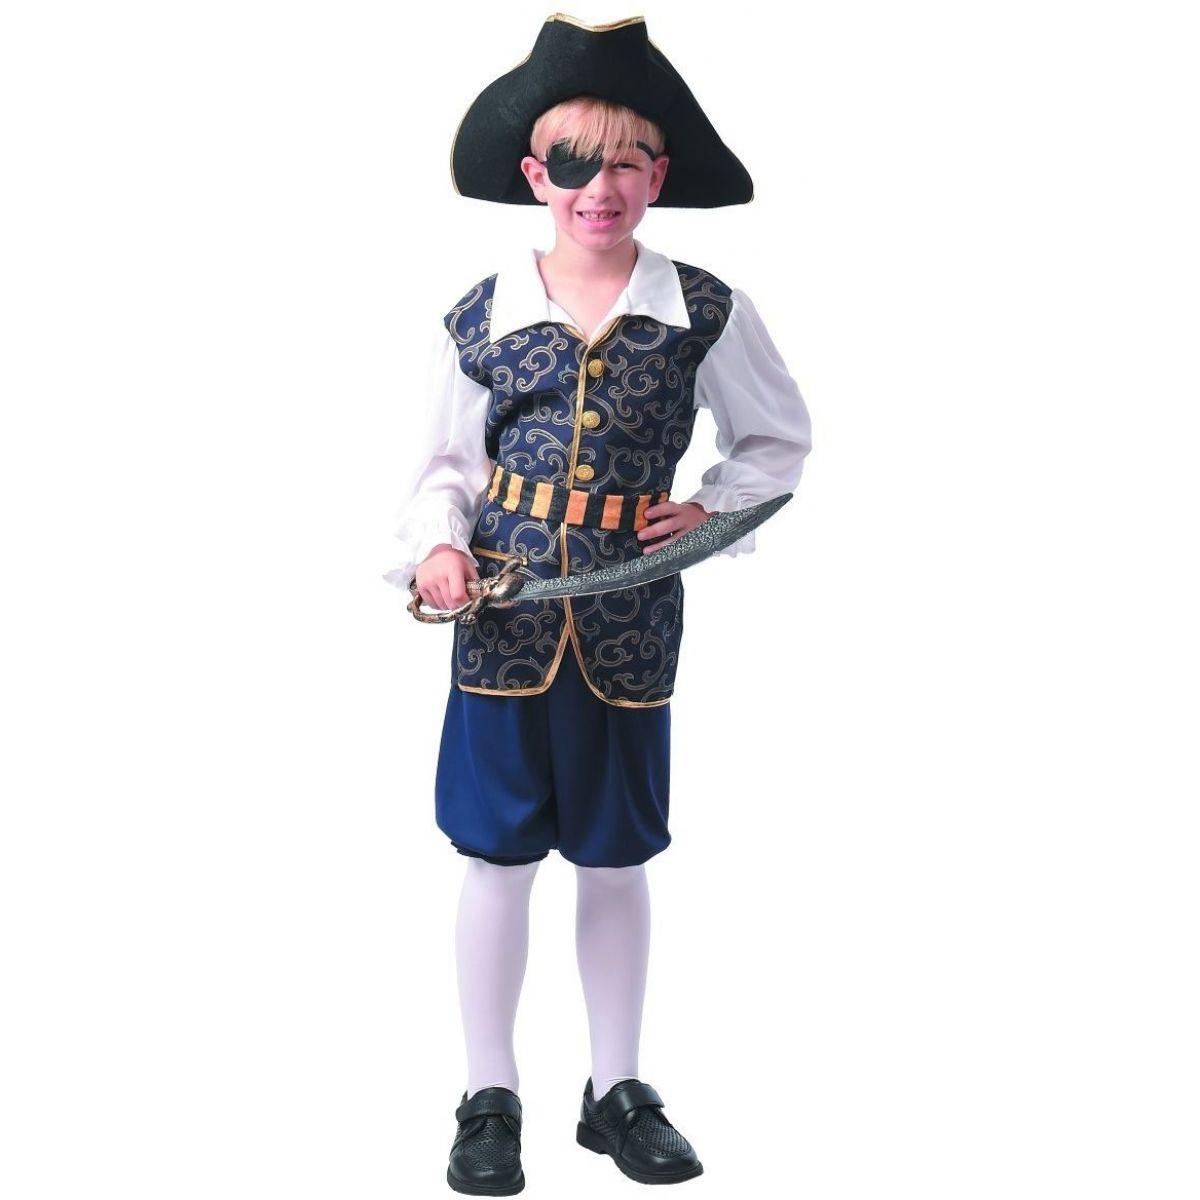 Šaty na karneval pirát 120 - 130 cm